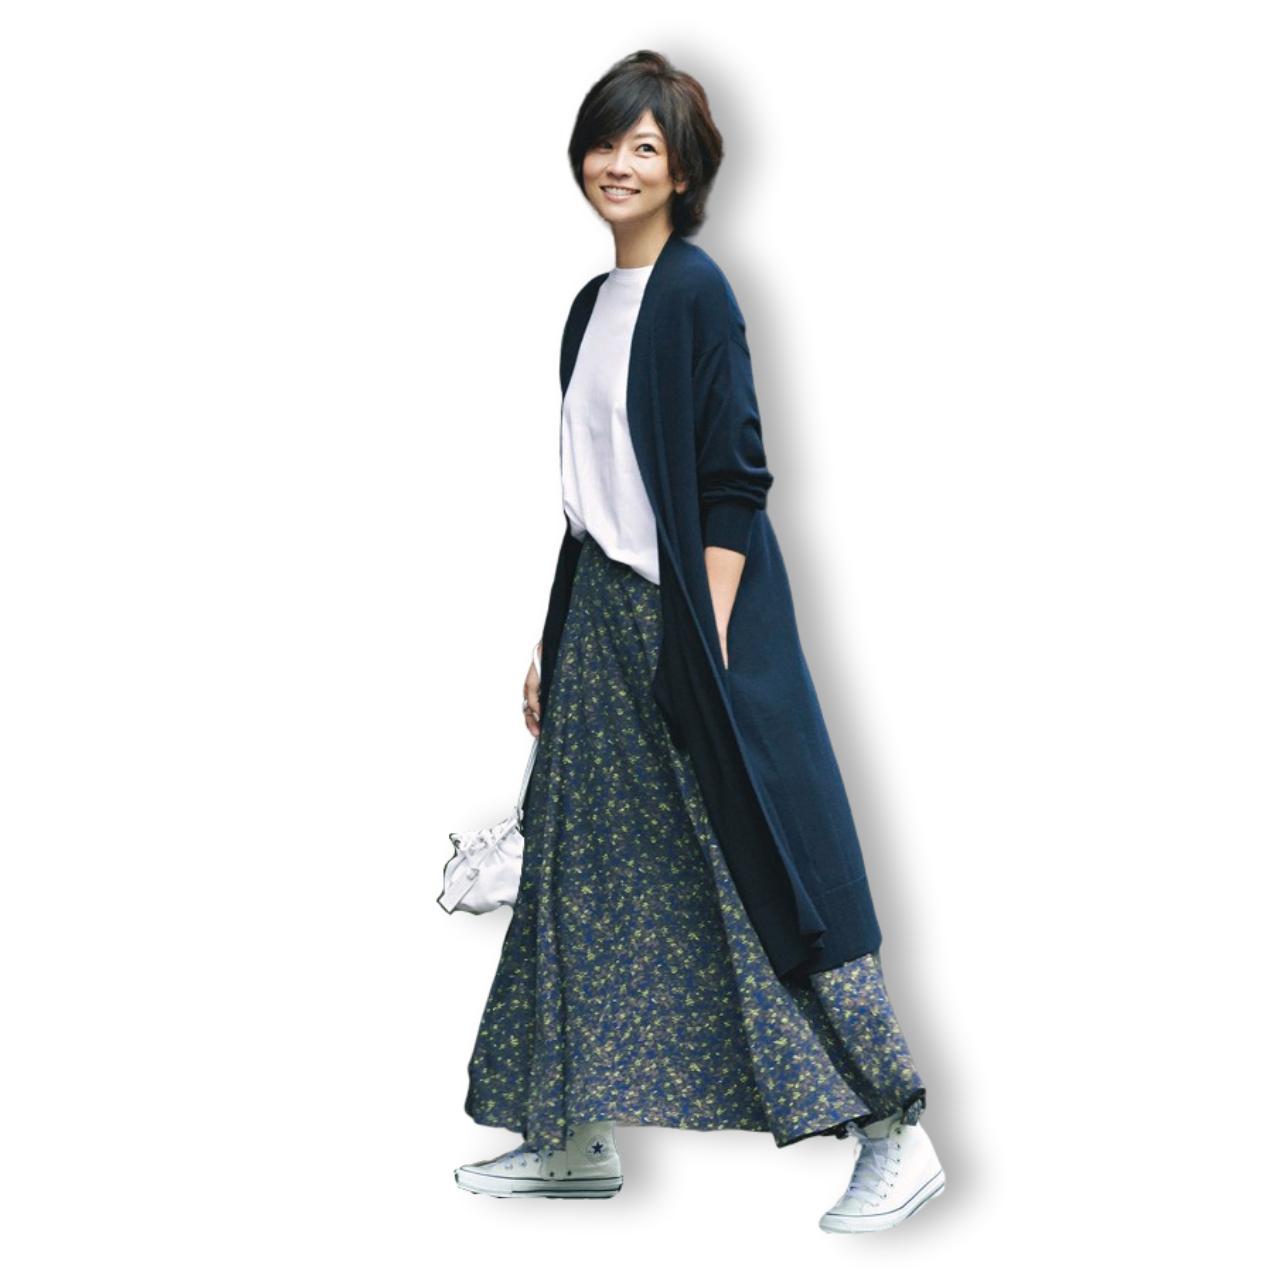 ロングカーディガン×小花柄スカート×ハイカットの白スニーカーコーデ